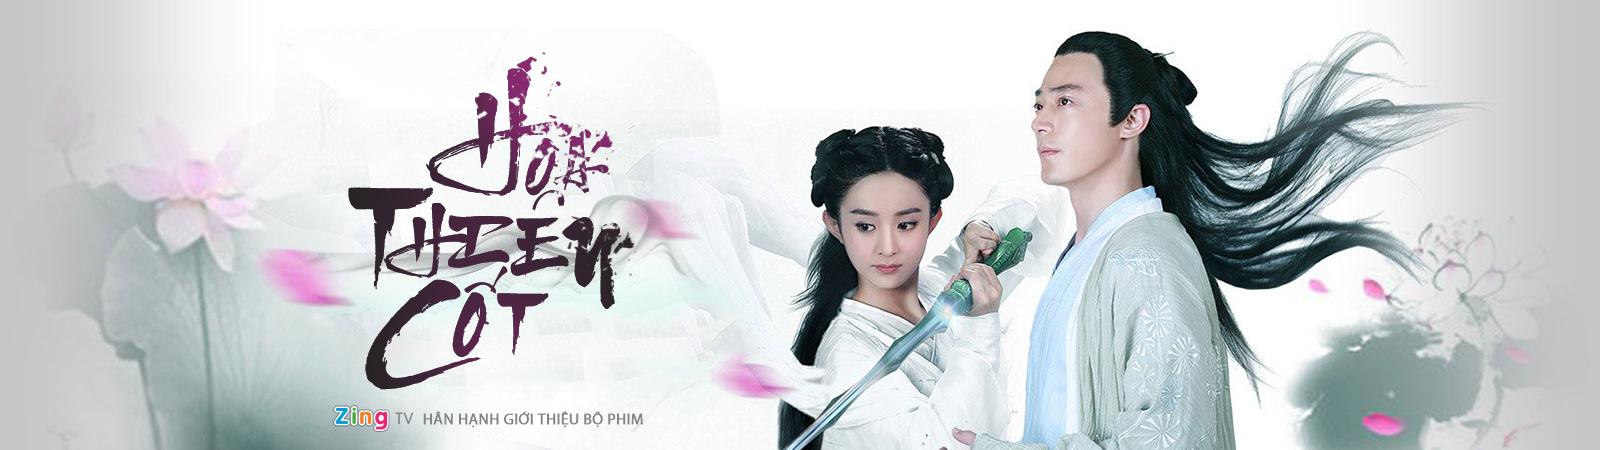 Tập 18 - Hoa Thiên Cốt